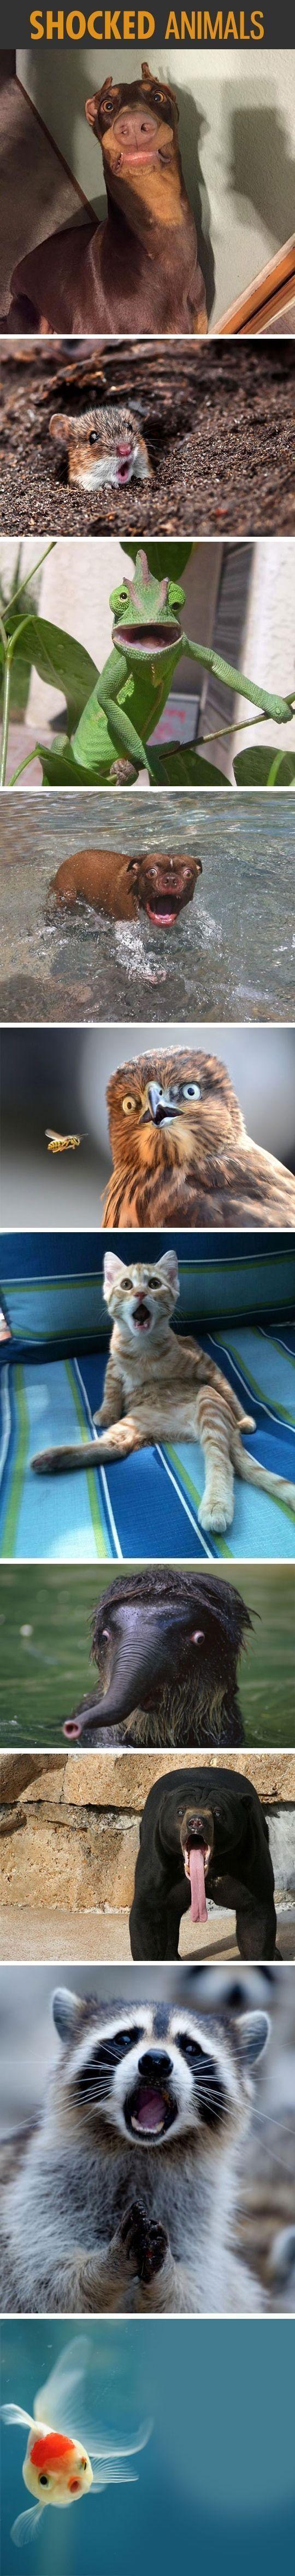 Alle diese Shocked Animals Pictures, Fotos und Bilder für Facebook, Tumblr, P #funnykittens